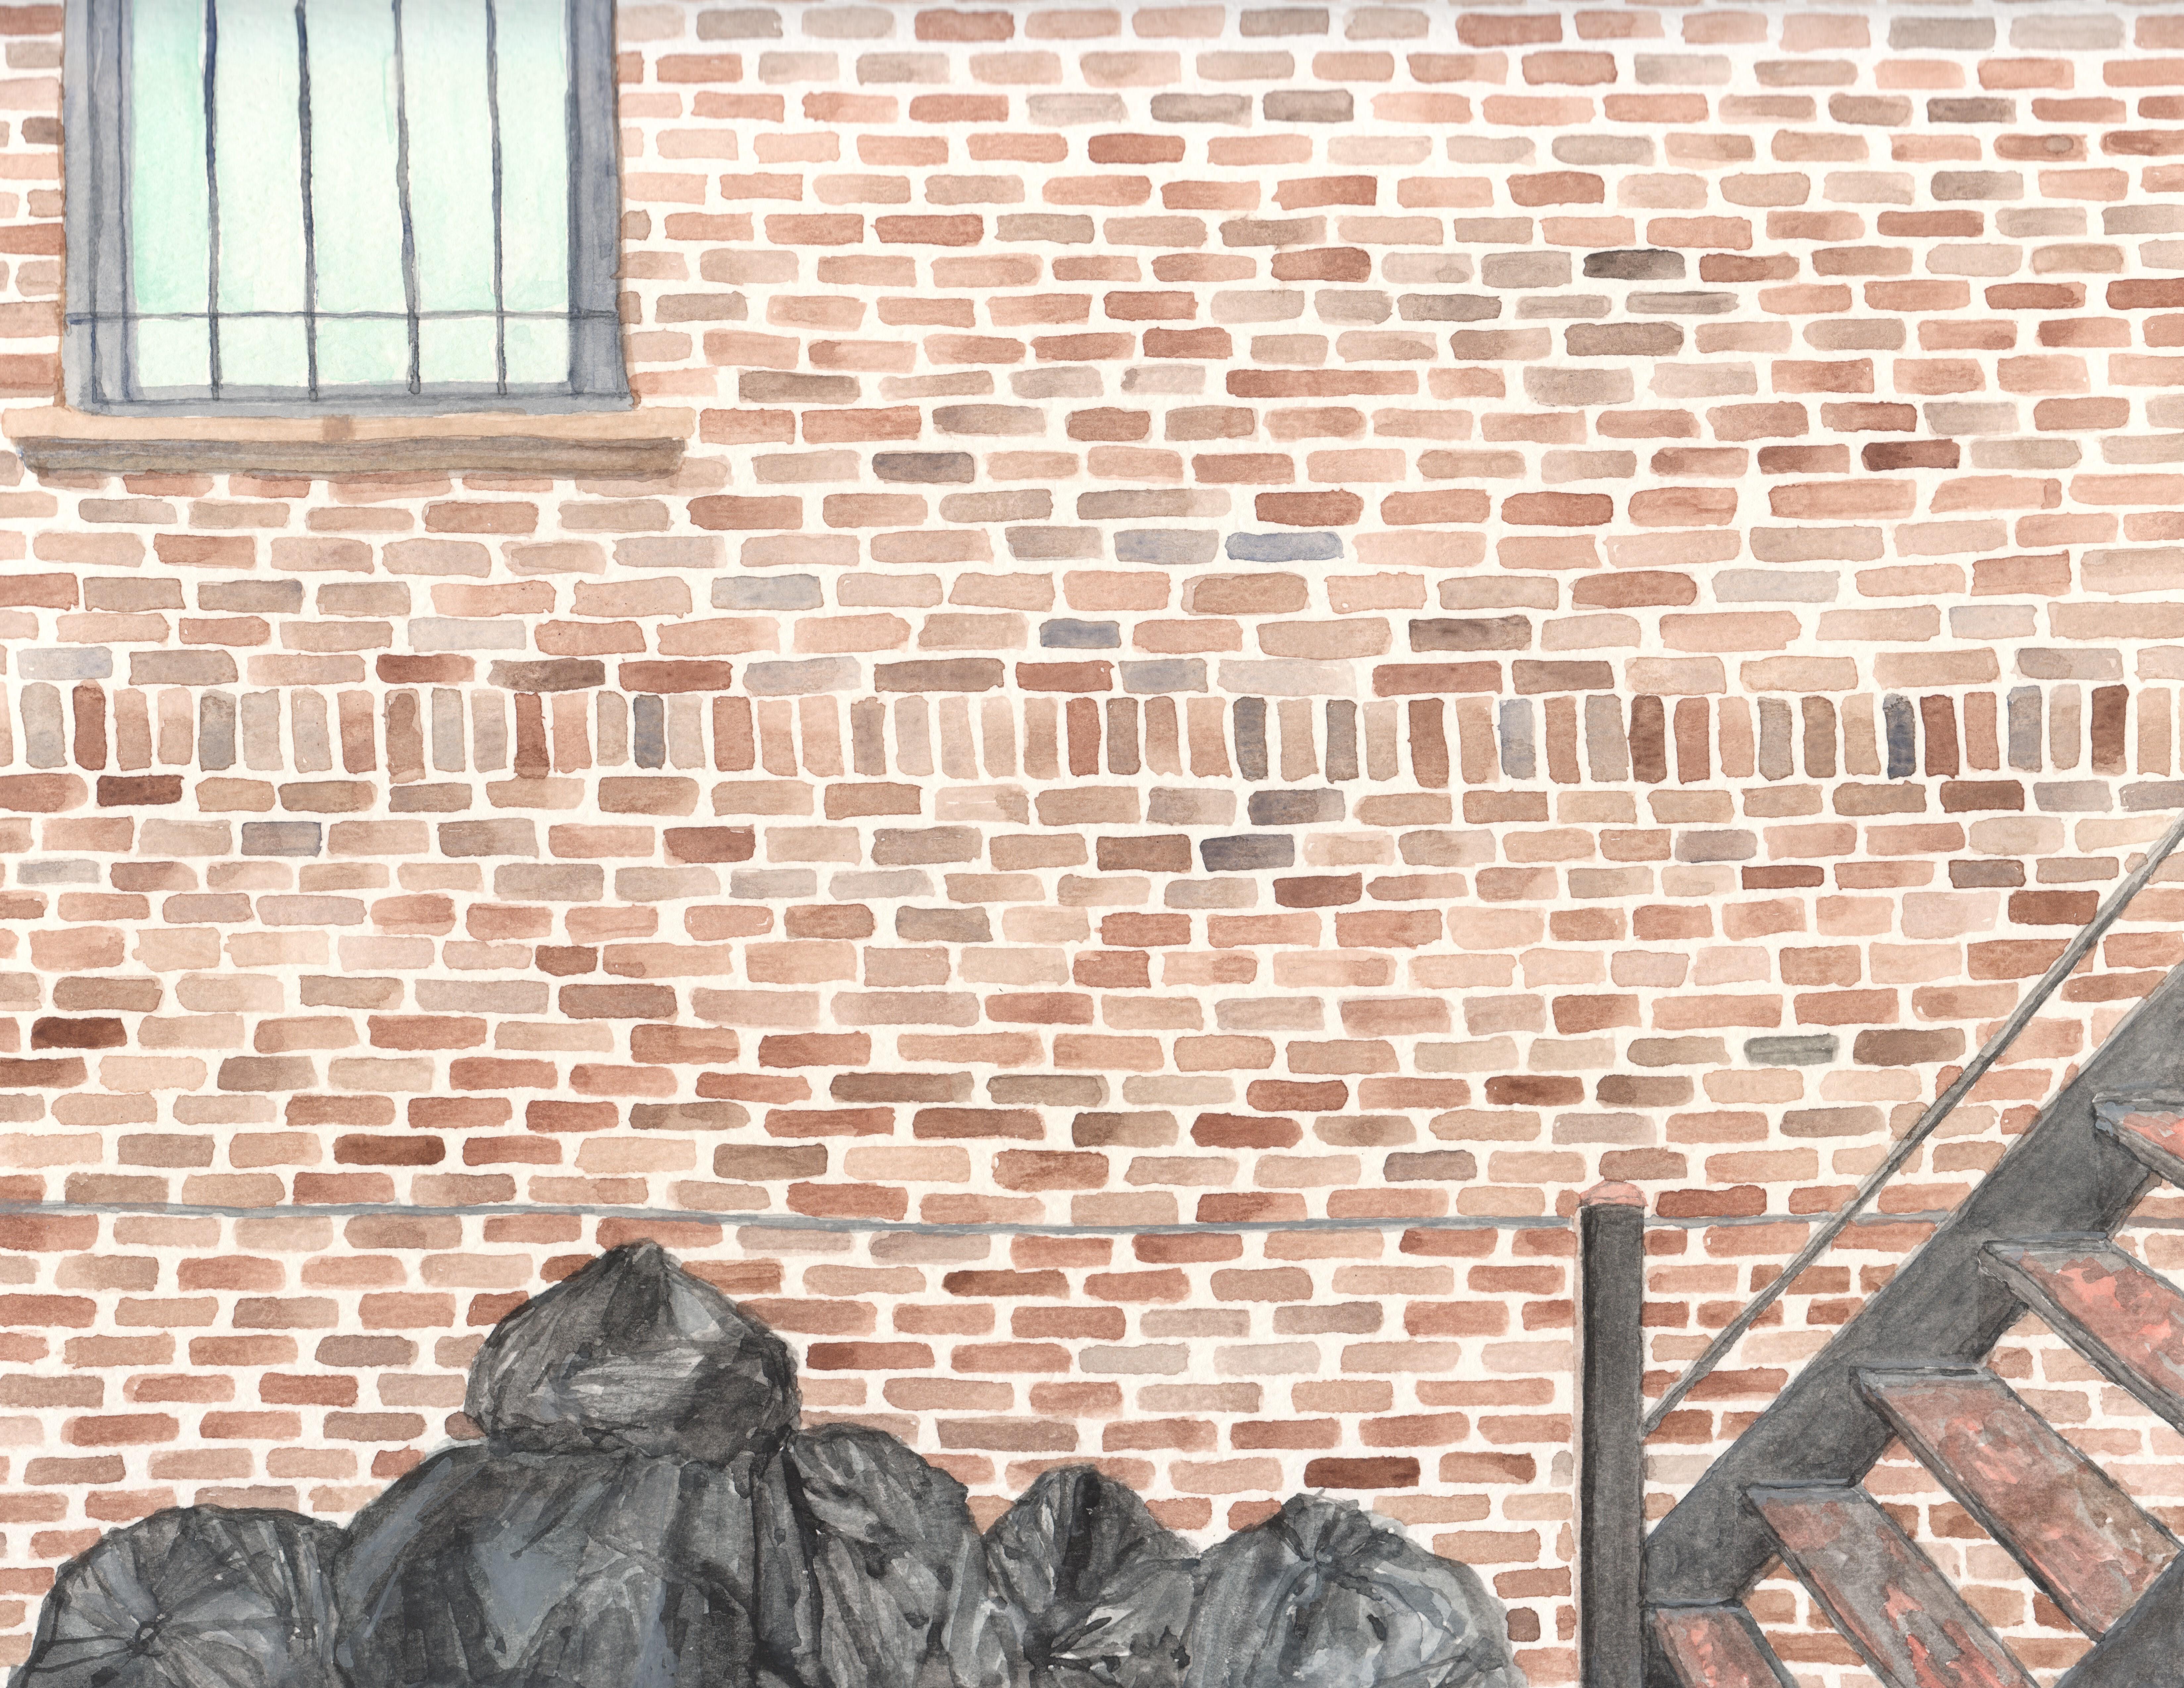 Park Slope Trash, 2016